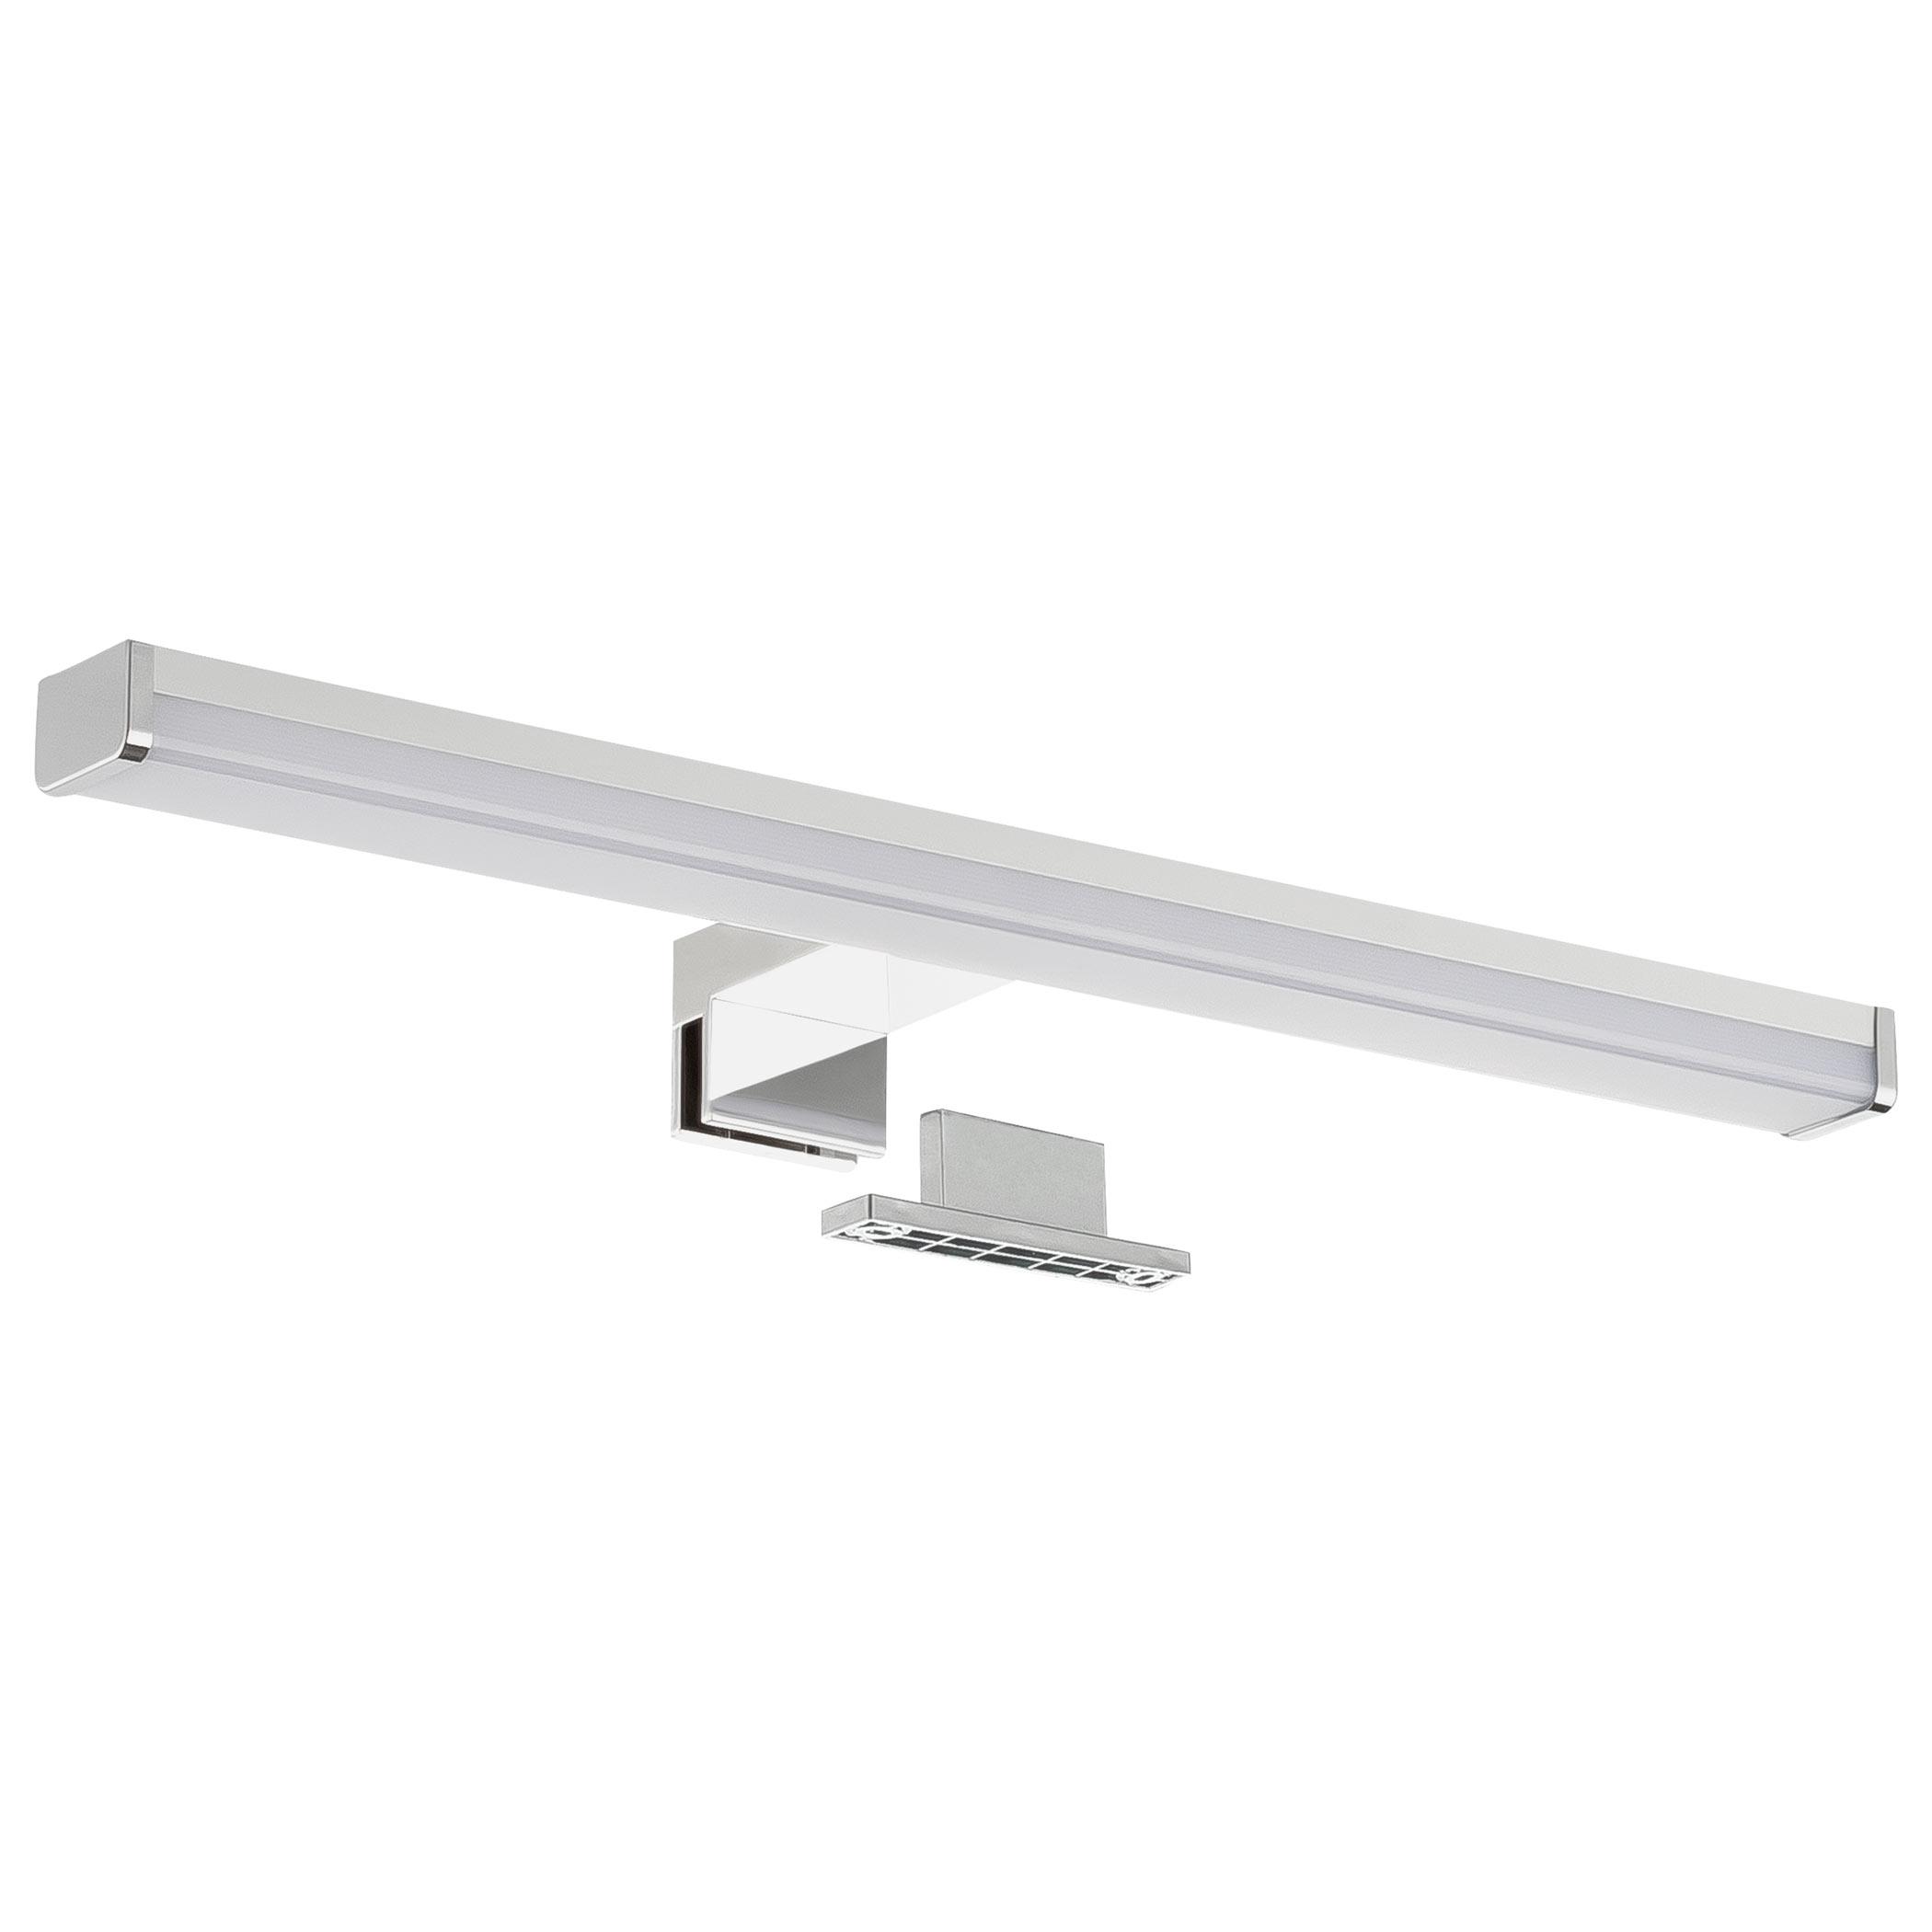 LED Spiegelleuchte 9W 40cm